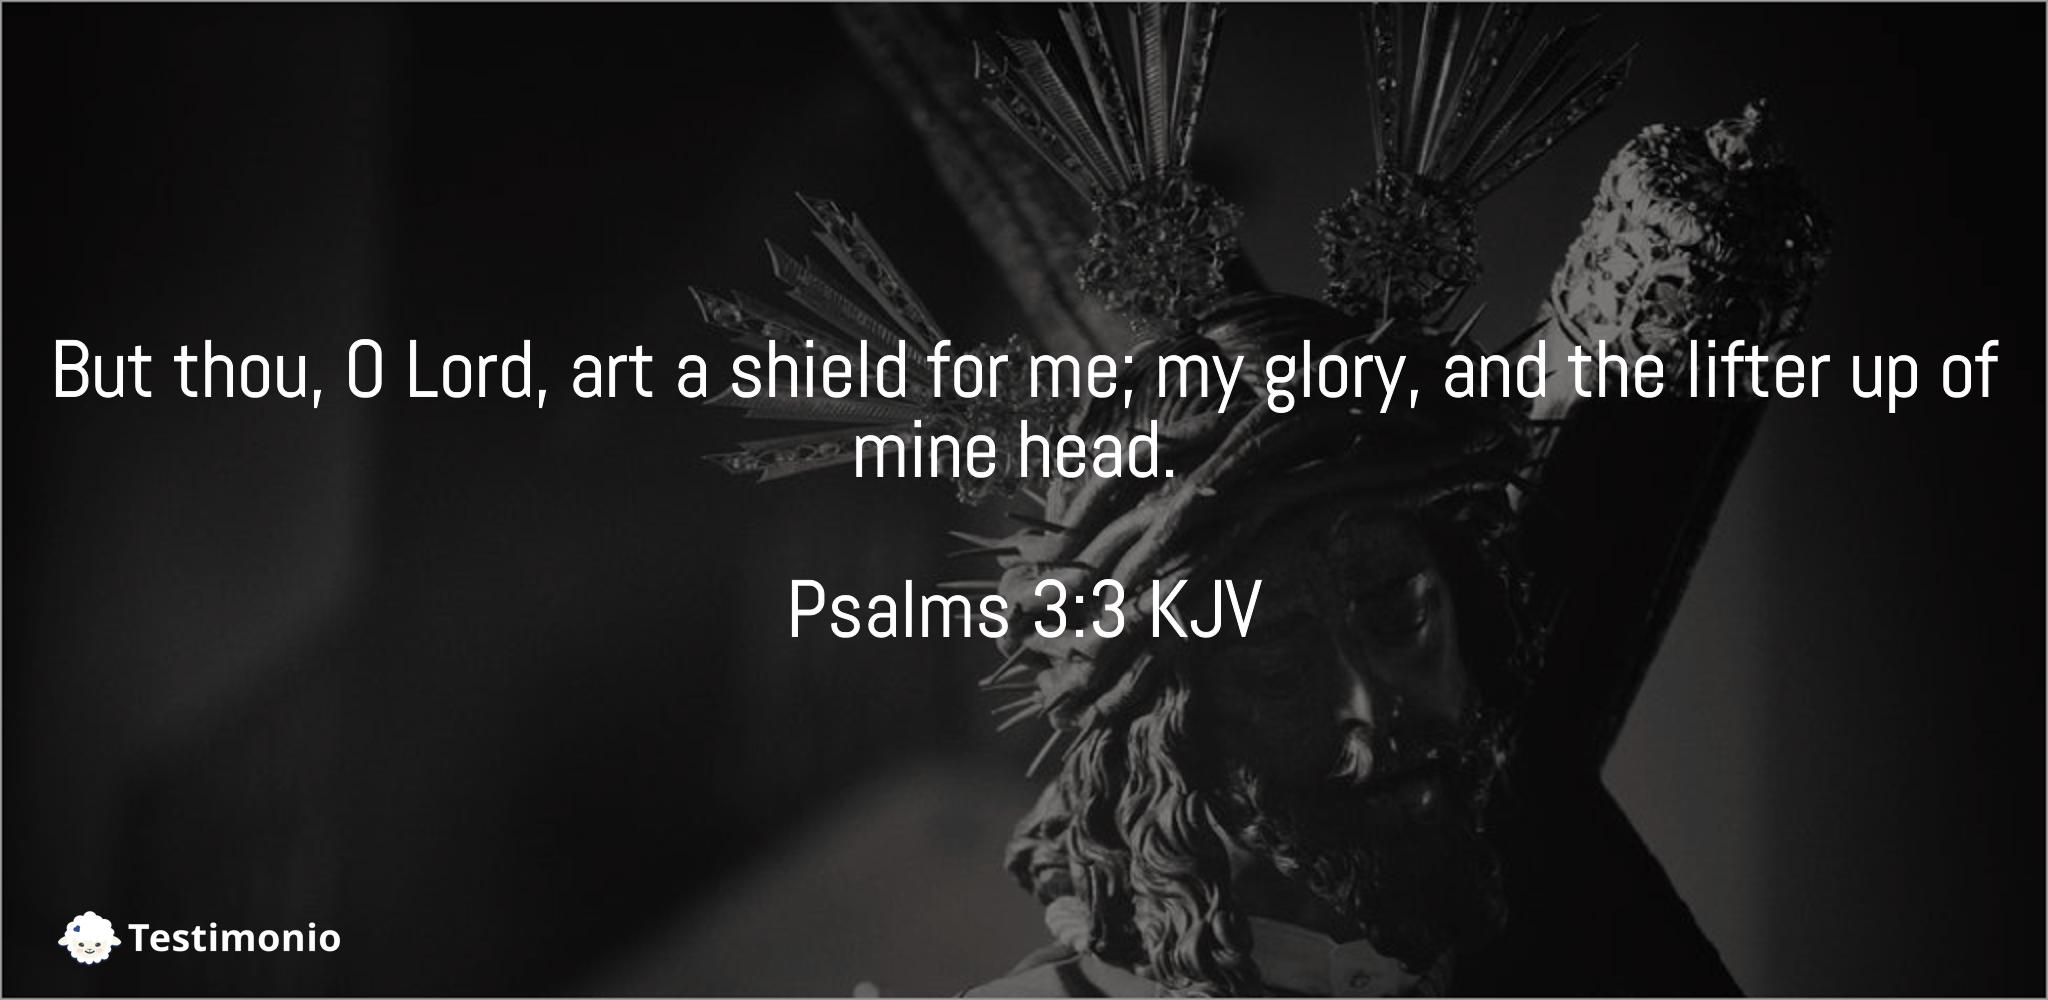 Psalms 3:3